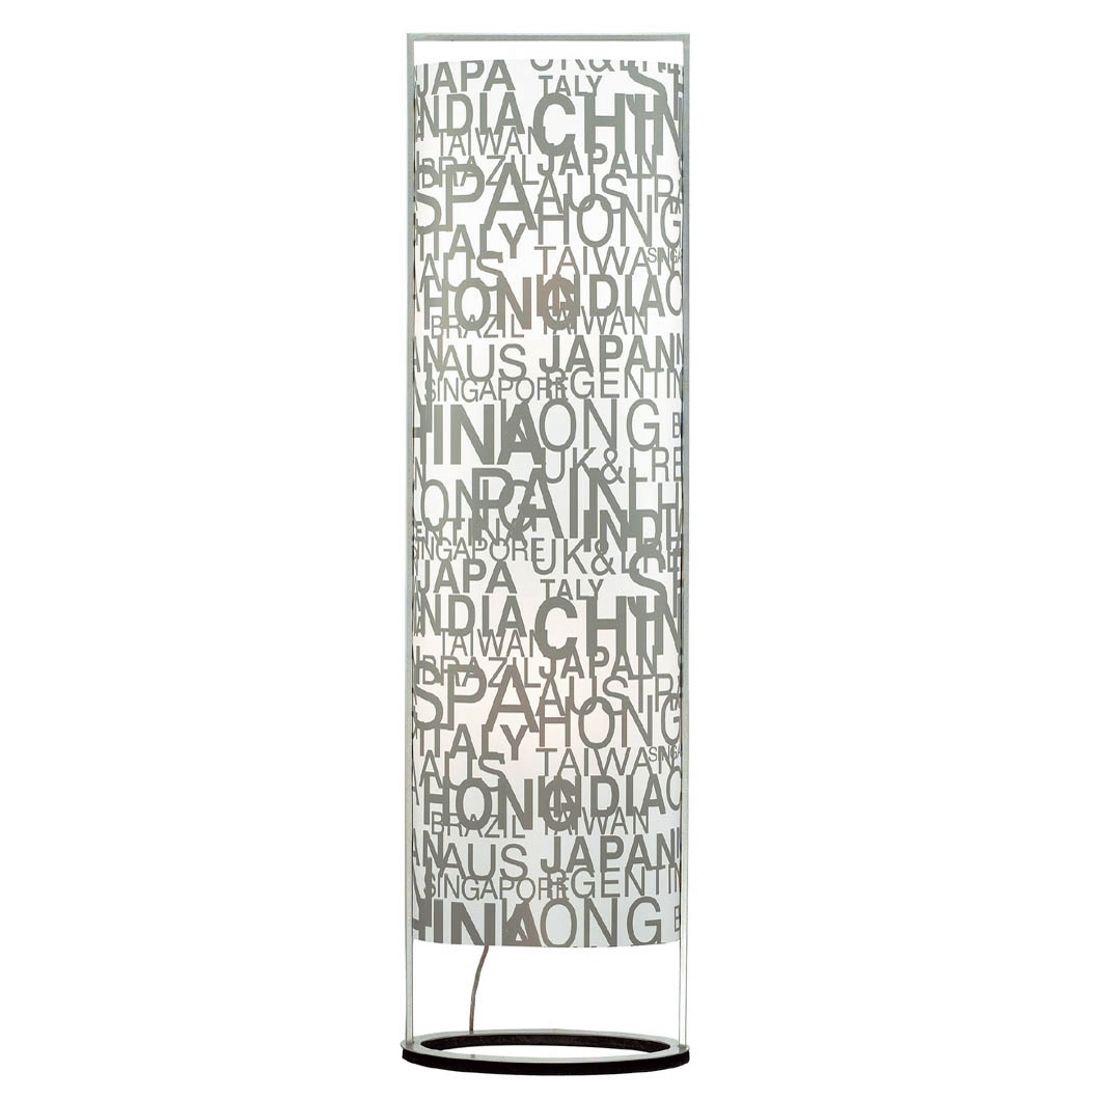 EEK A++, Lampadaire Sign - 1 ampoule - Caractères décoratifs - Métal / Plastique - Blanc / Gris, Pau